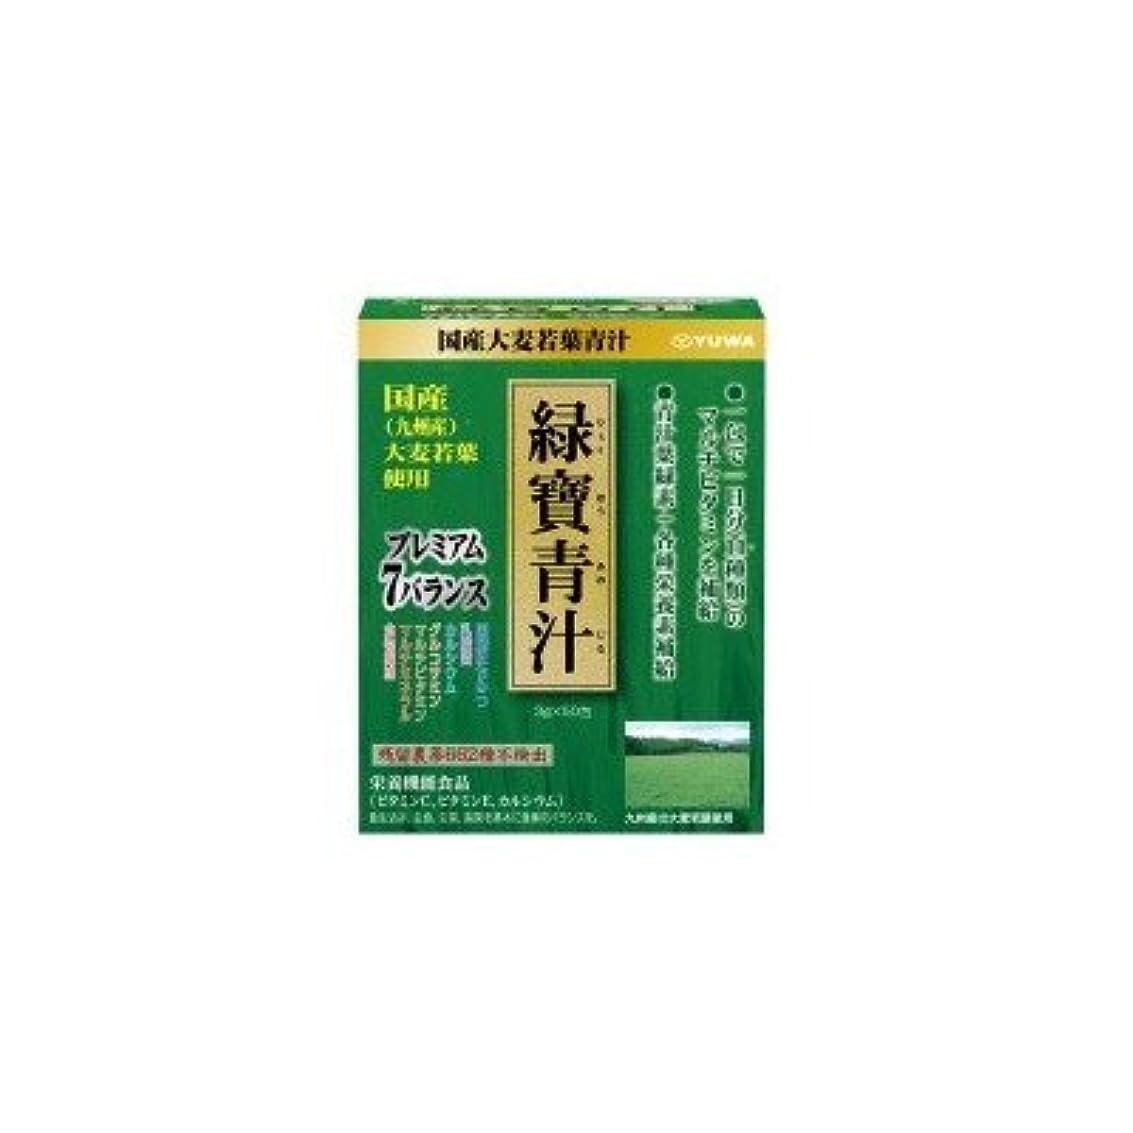 本を読む仲間イベントユーワ 九州産大麦若葉使用 緑寶青汁 150g(3g×50包) 2865